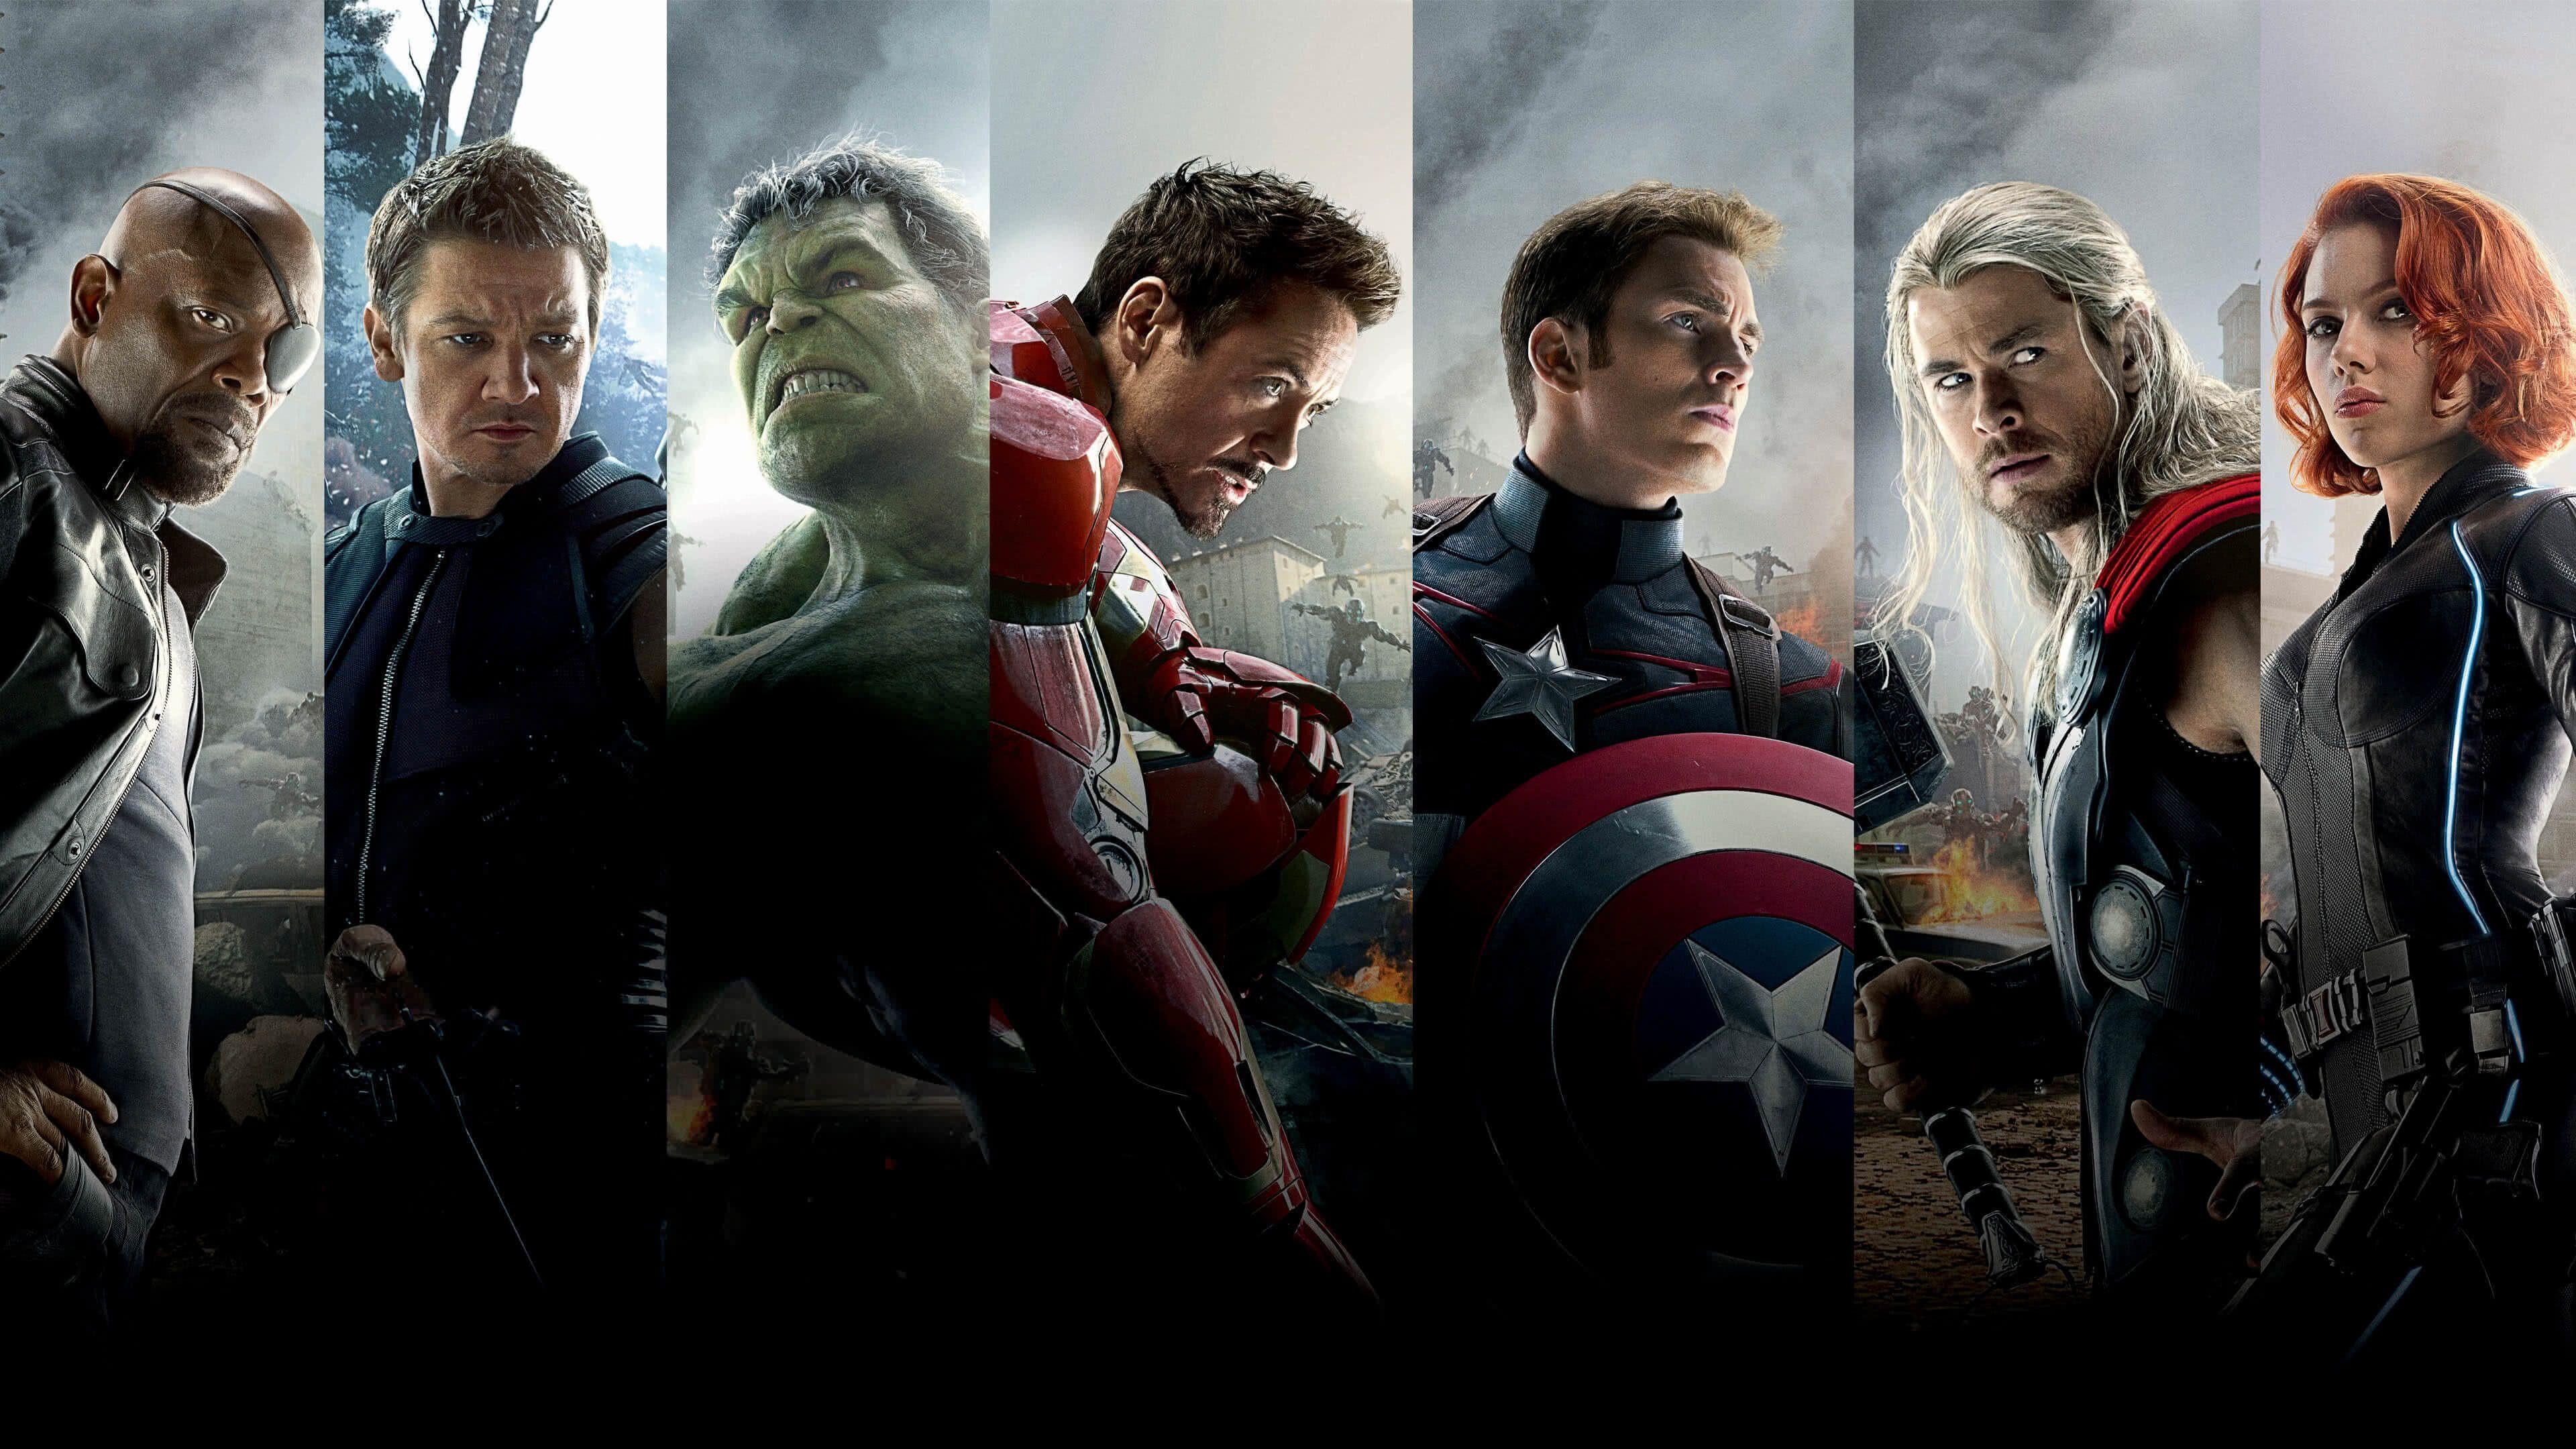 4k Marvel Wallpapers Top Free 4k Marvel Backgrounds Wallpaperaccess Avengers Age Avengers Wallpaper Avengers